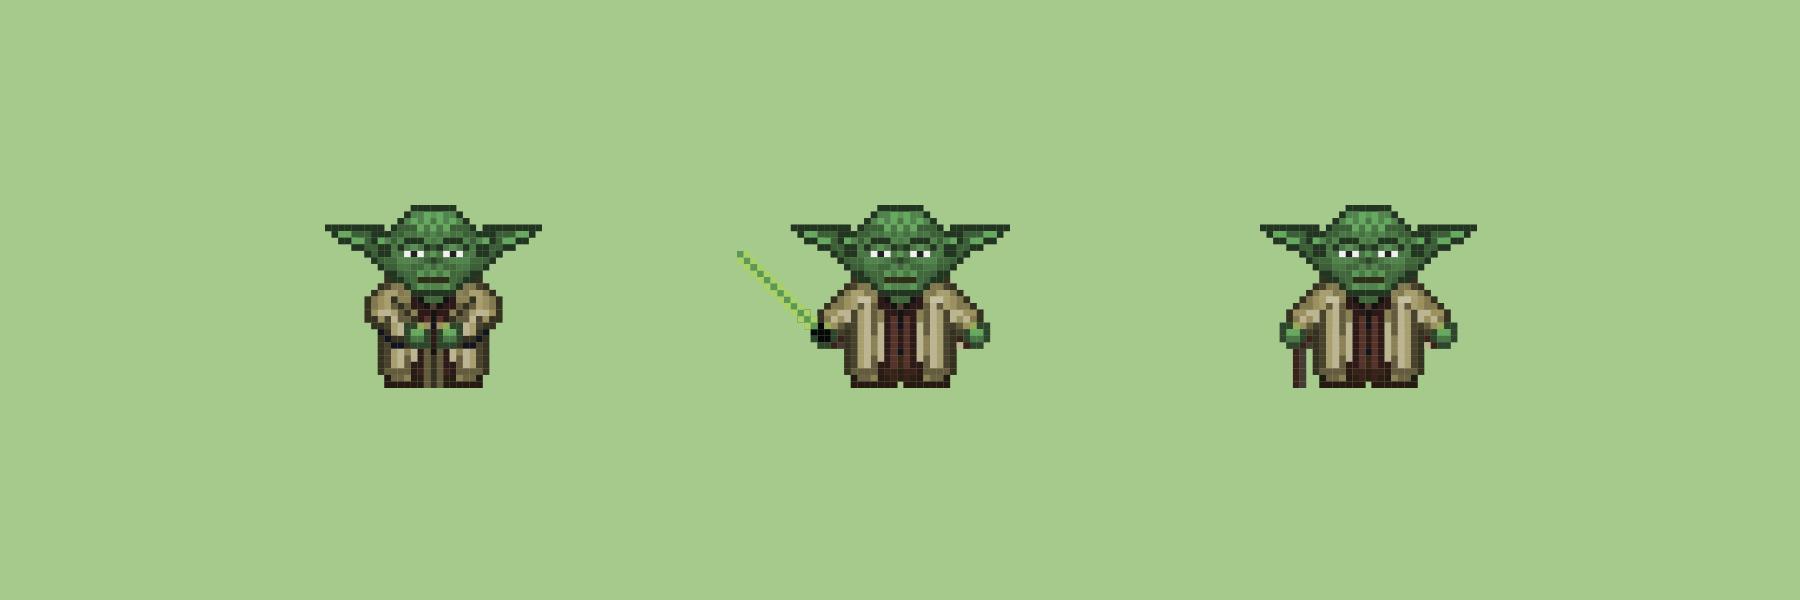 Yoda 3 up